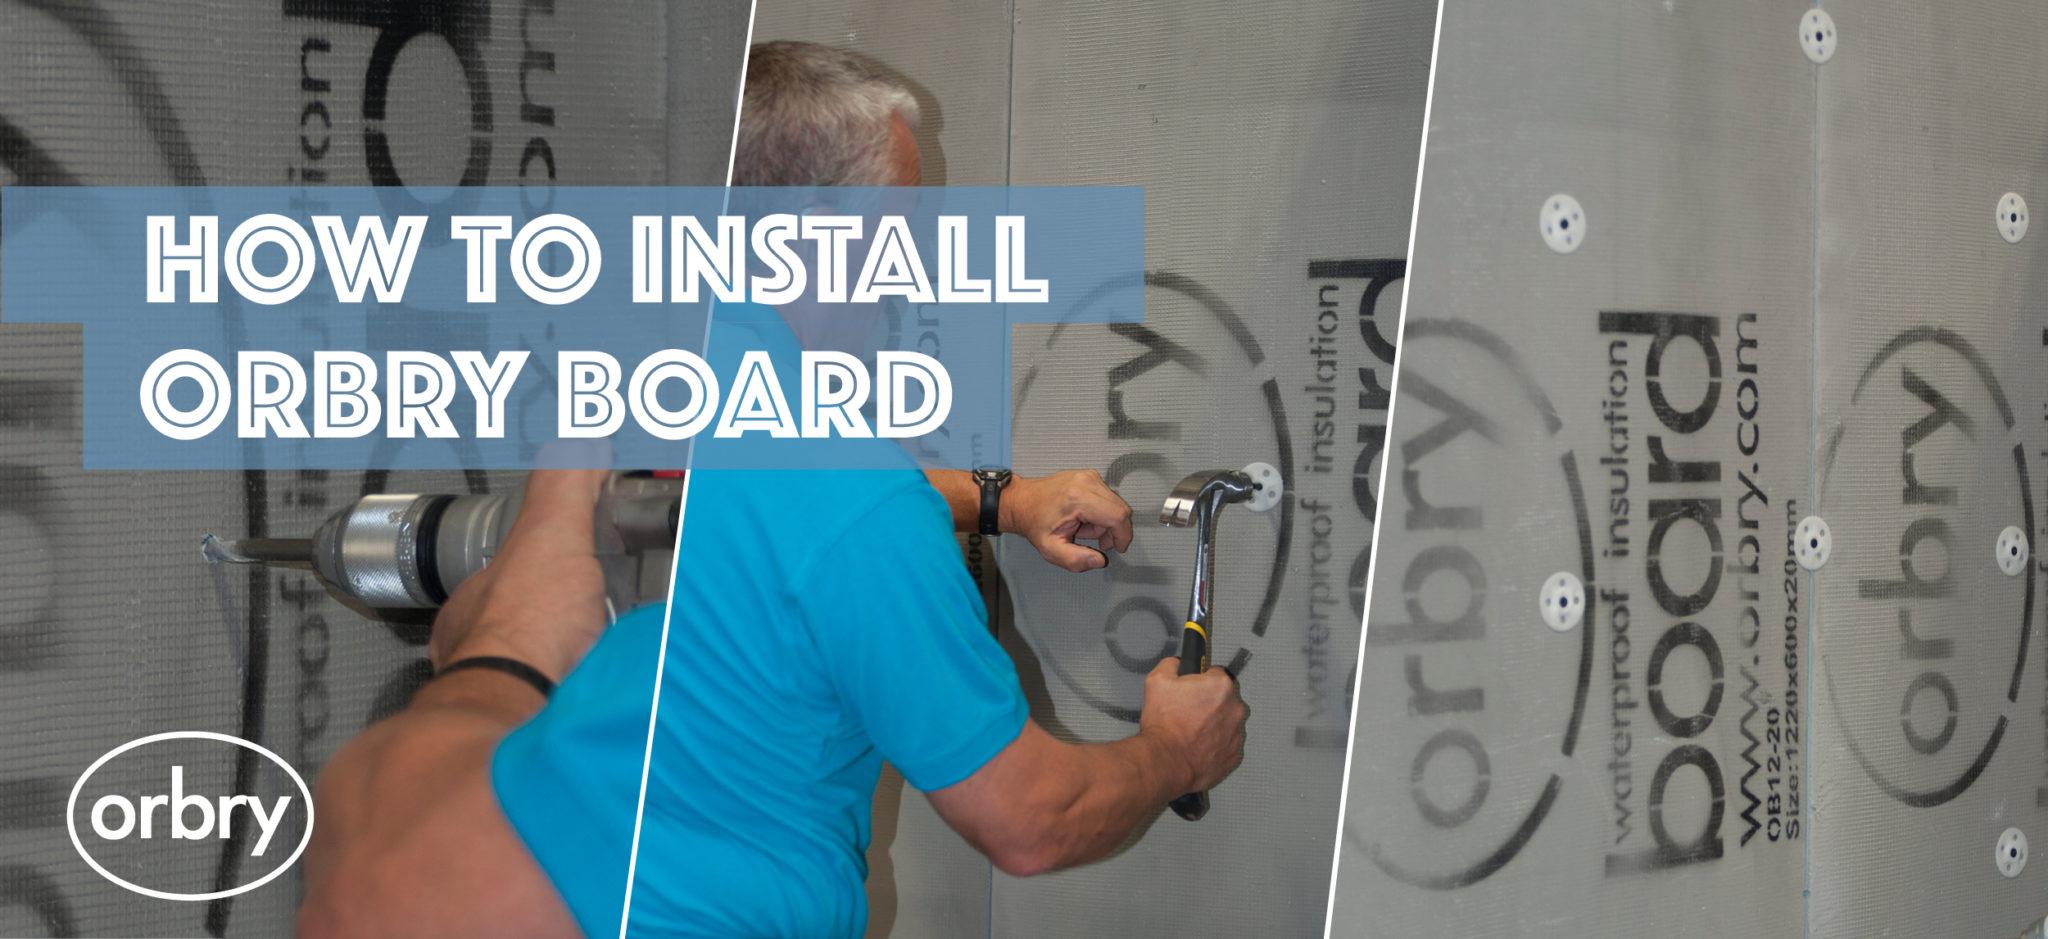 Install Orbry Board